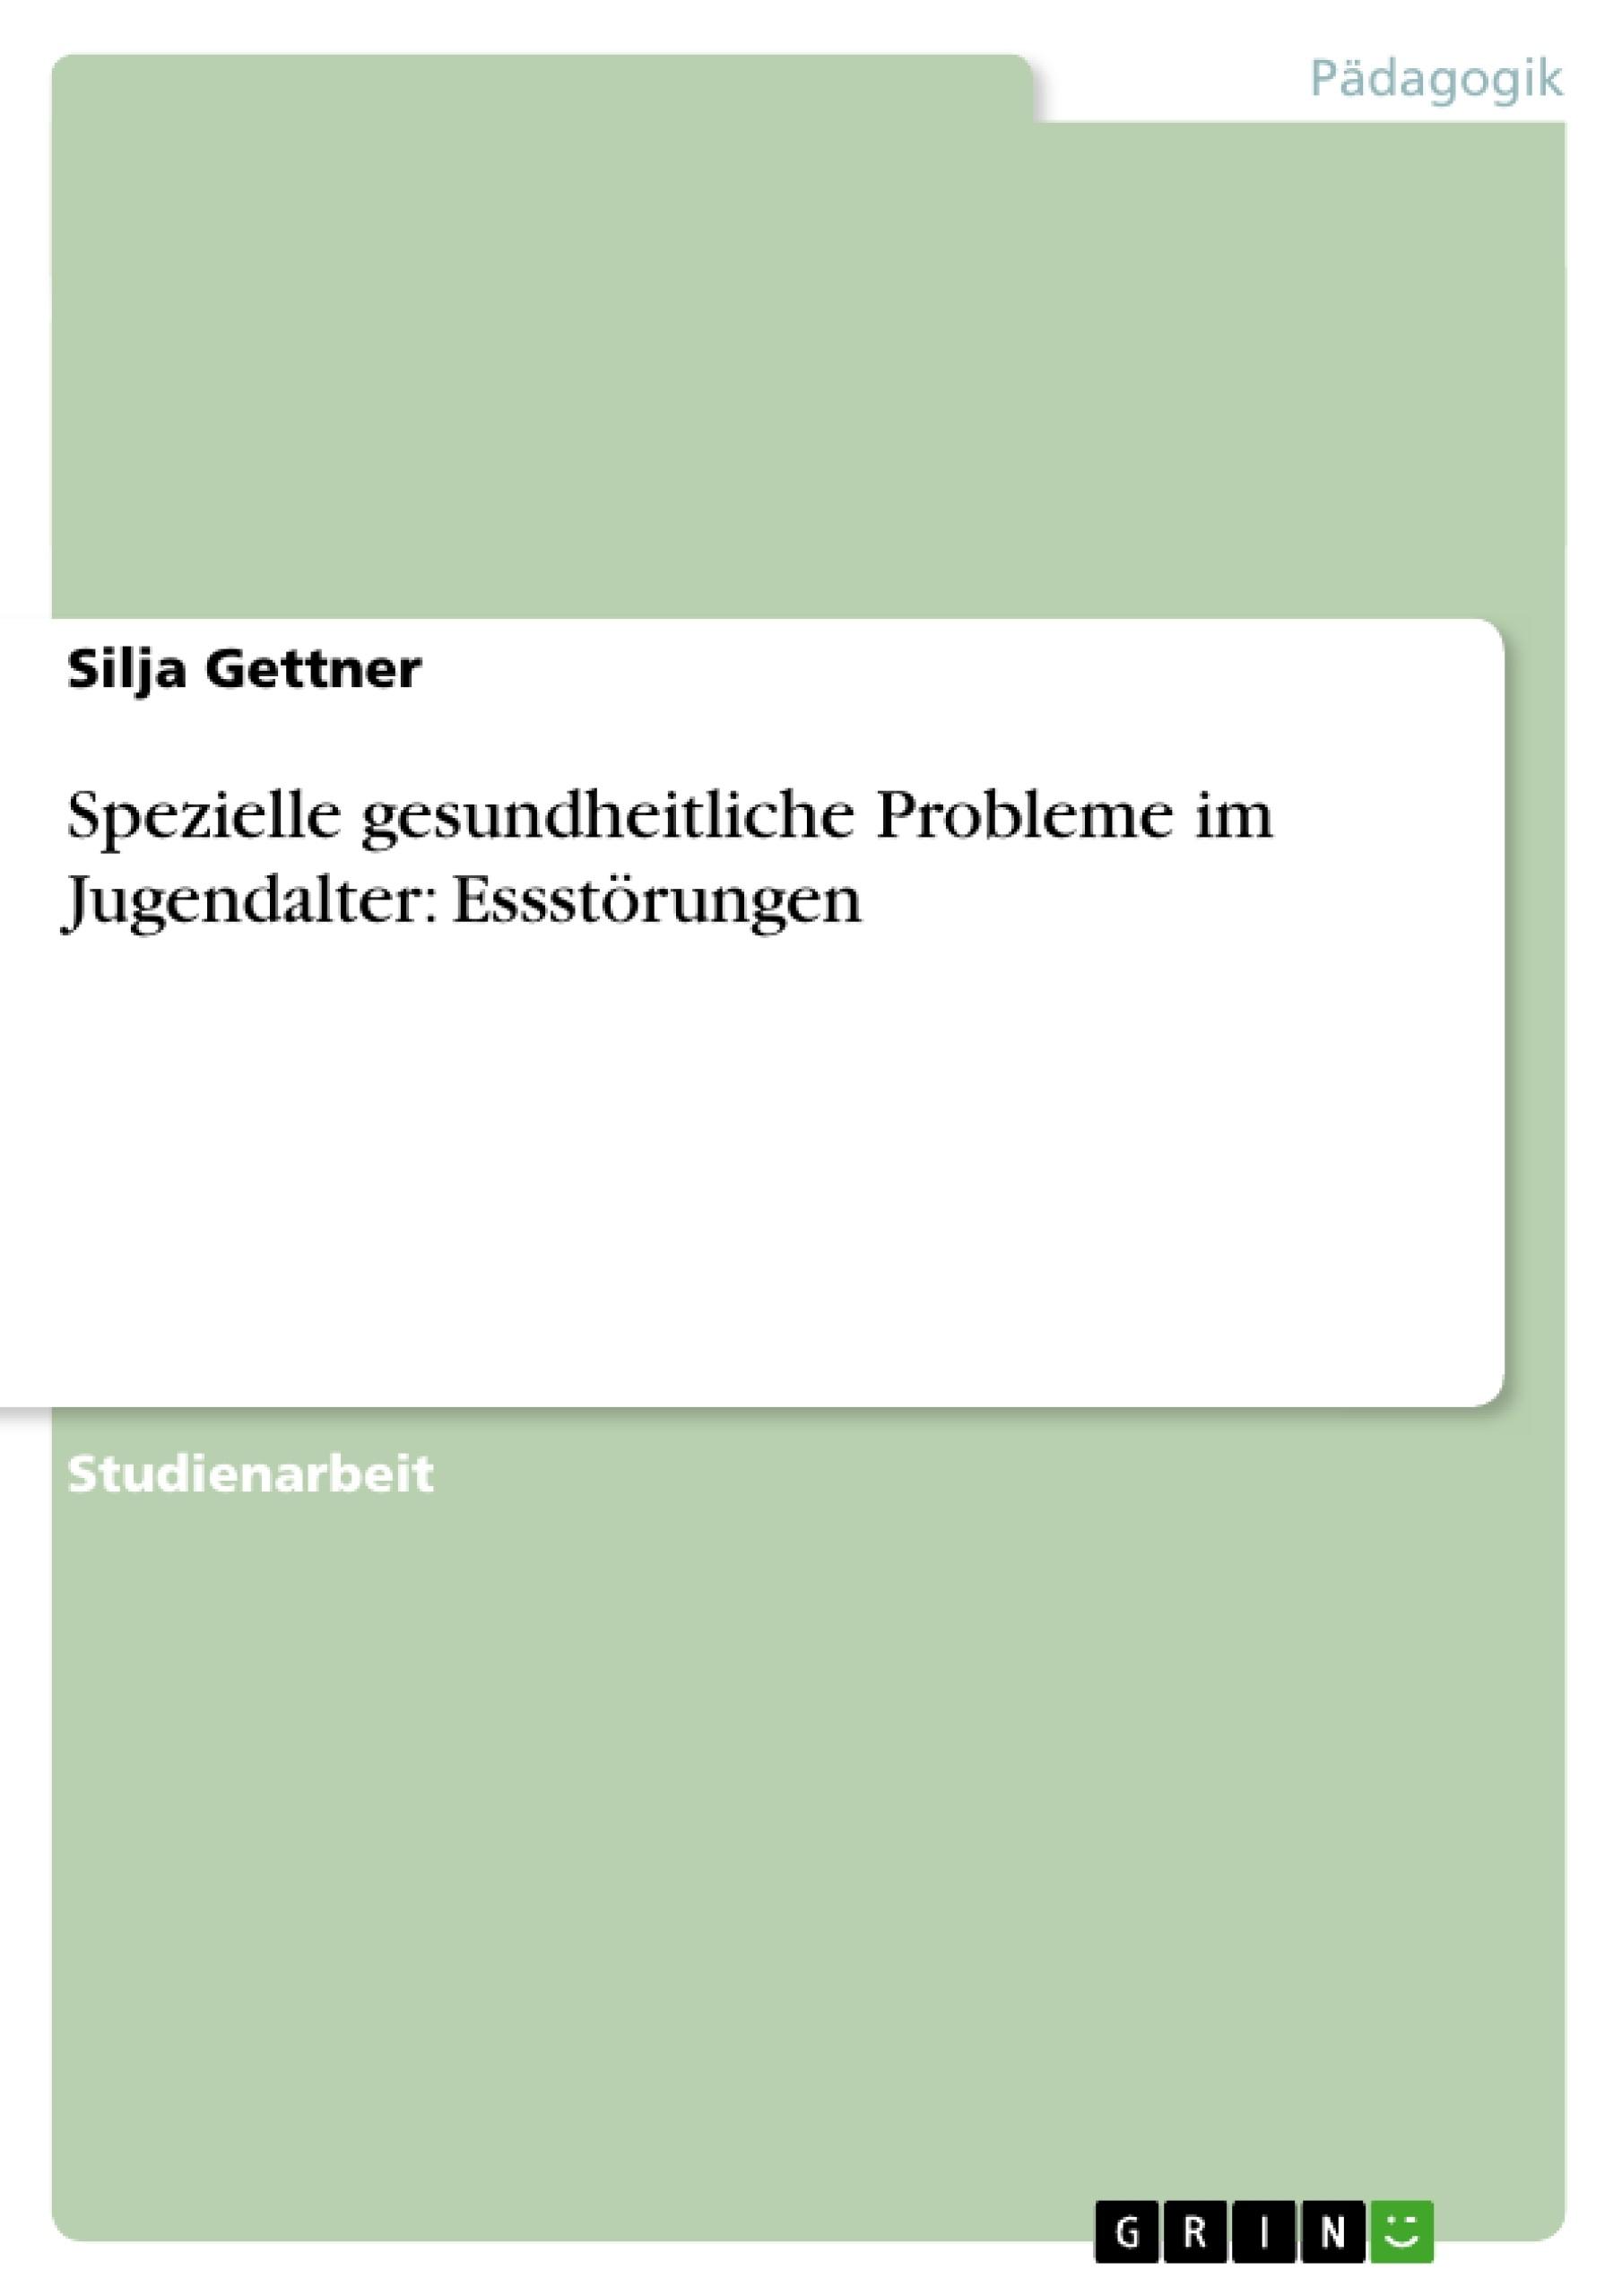 Titel: Spezielle gesundheitliche Probleme im Jugendalter: Essstörungen